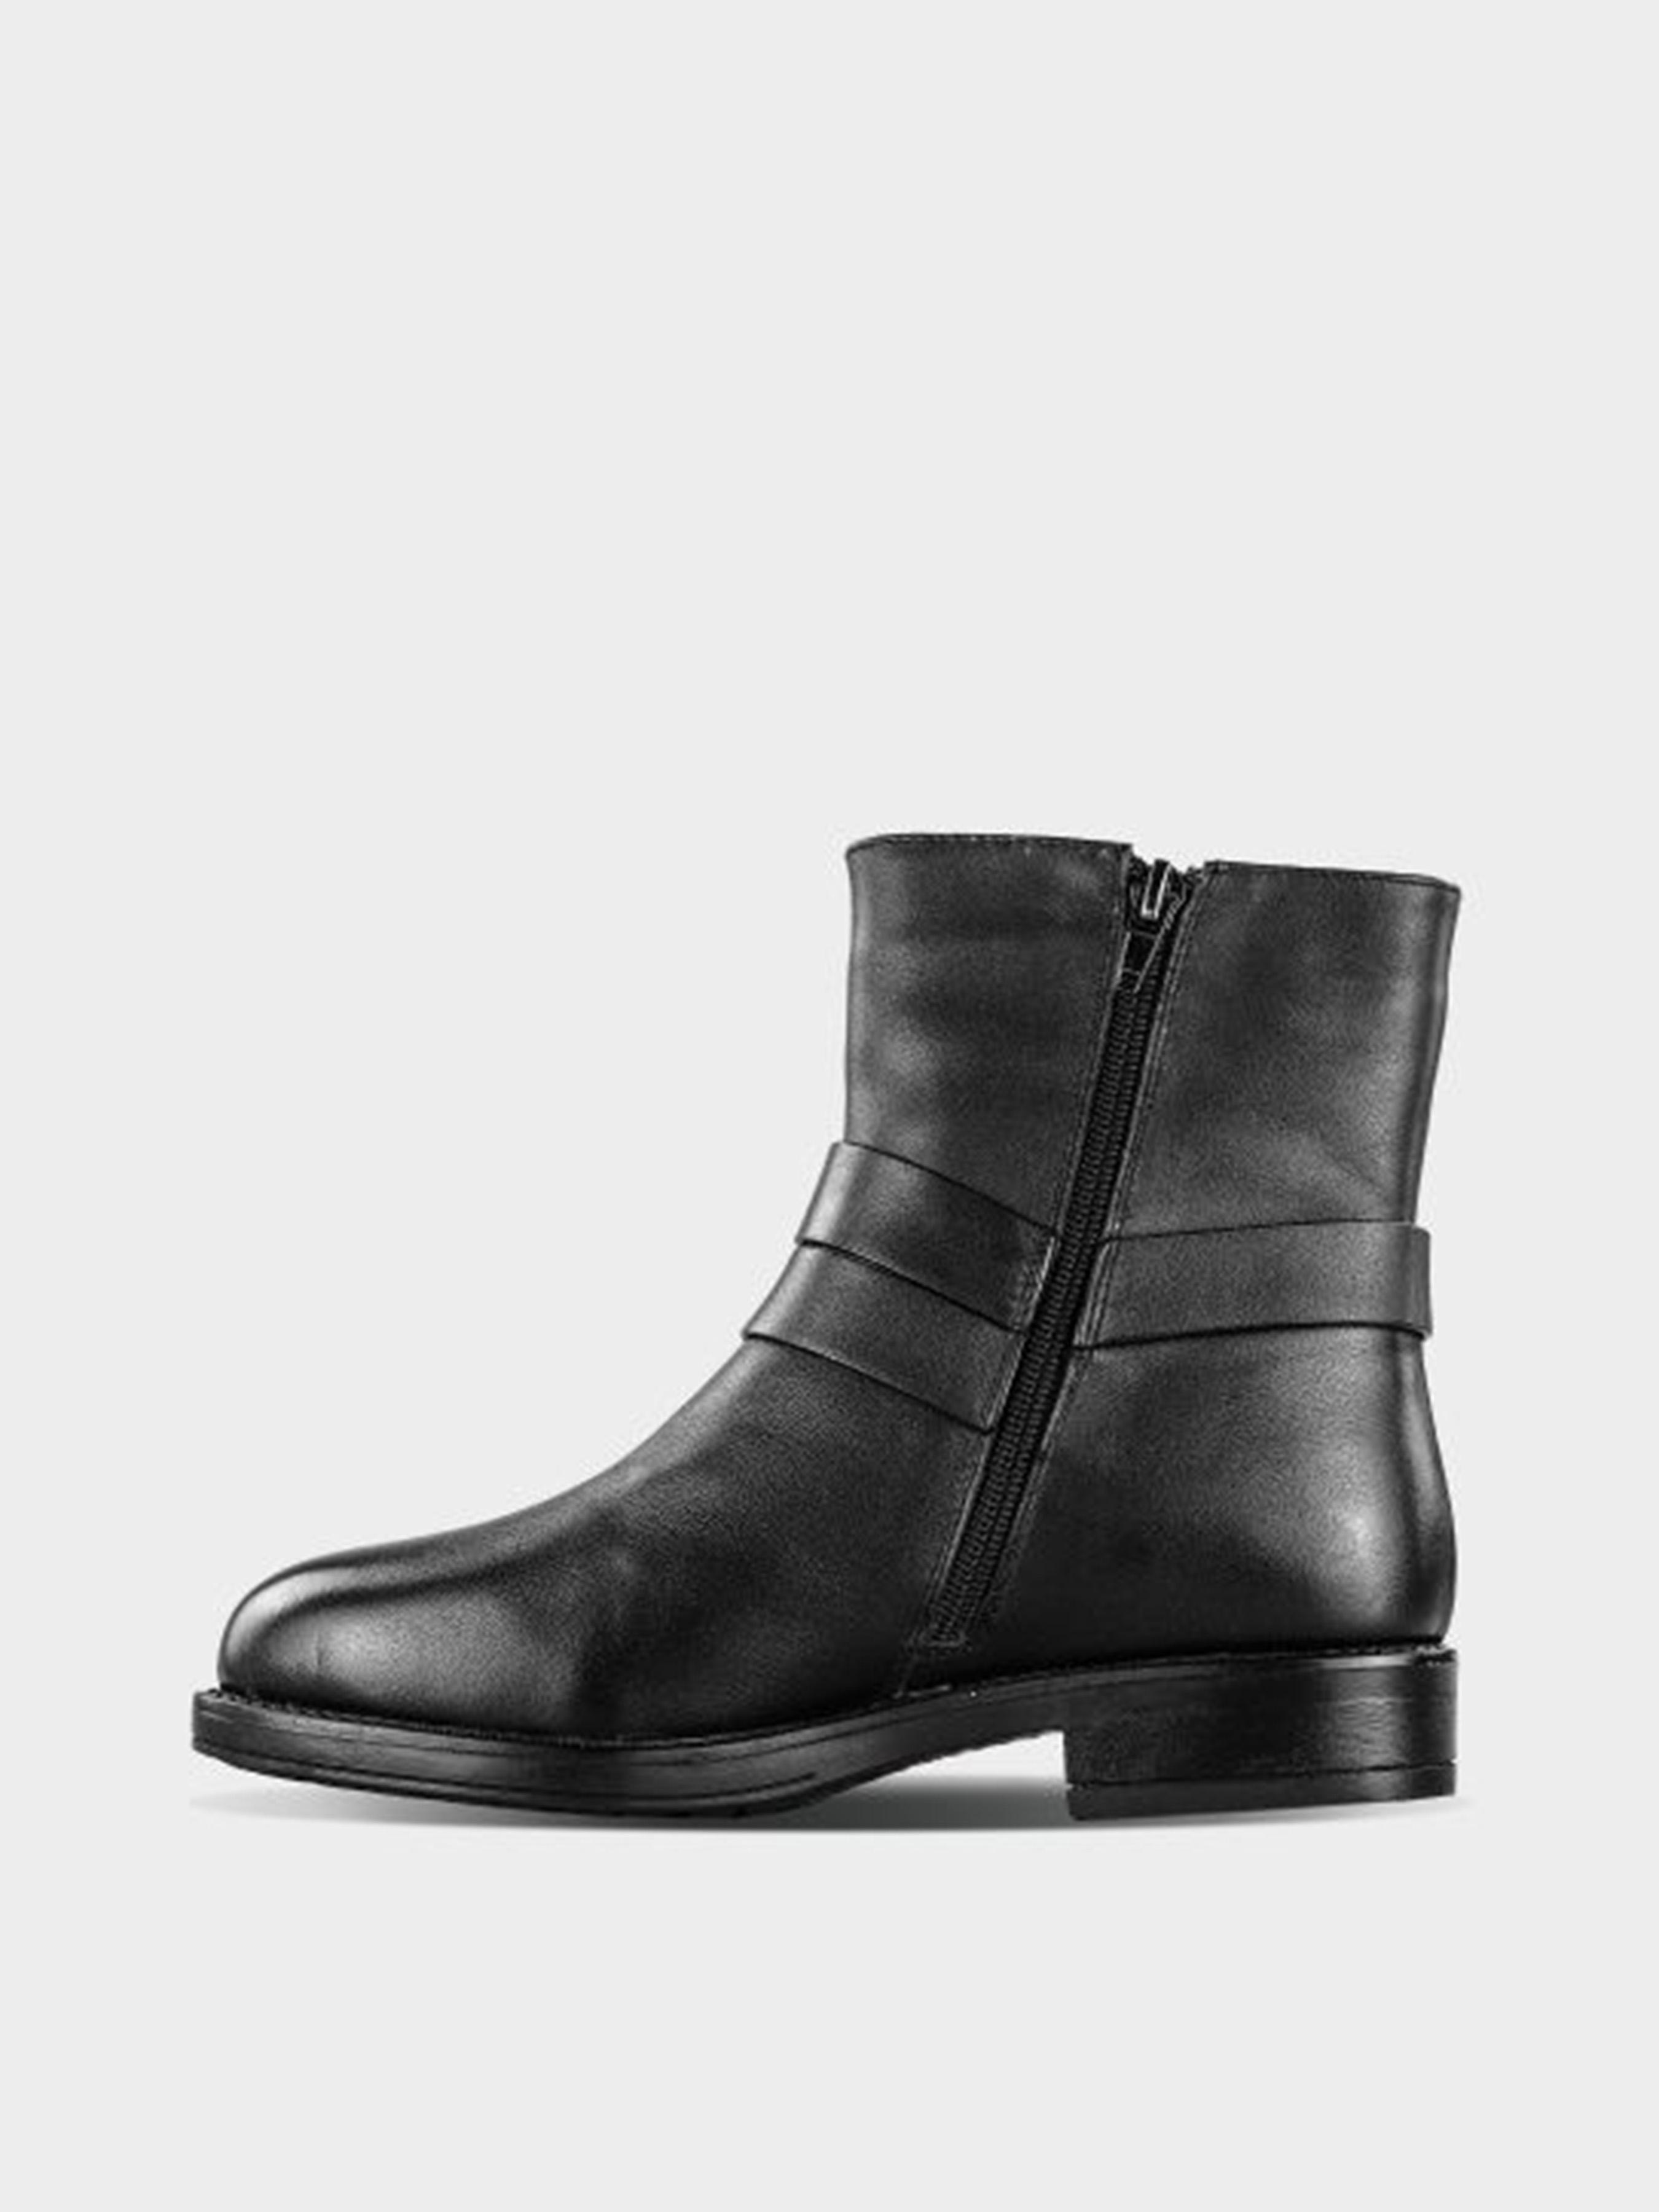 Ботинки для женщин Braska BS3227 размерная сетка обуви, 2017